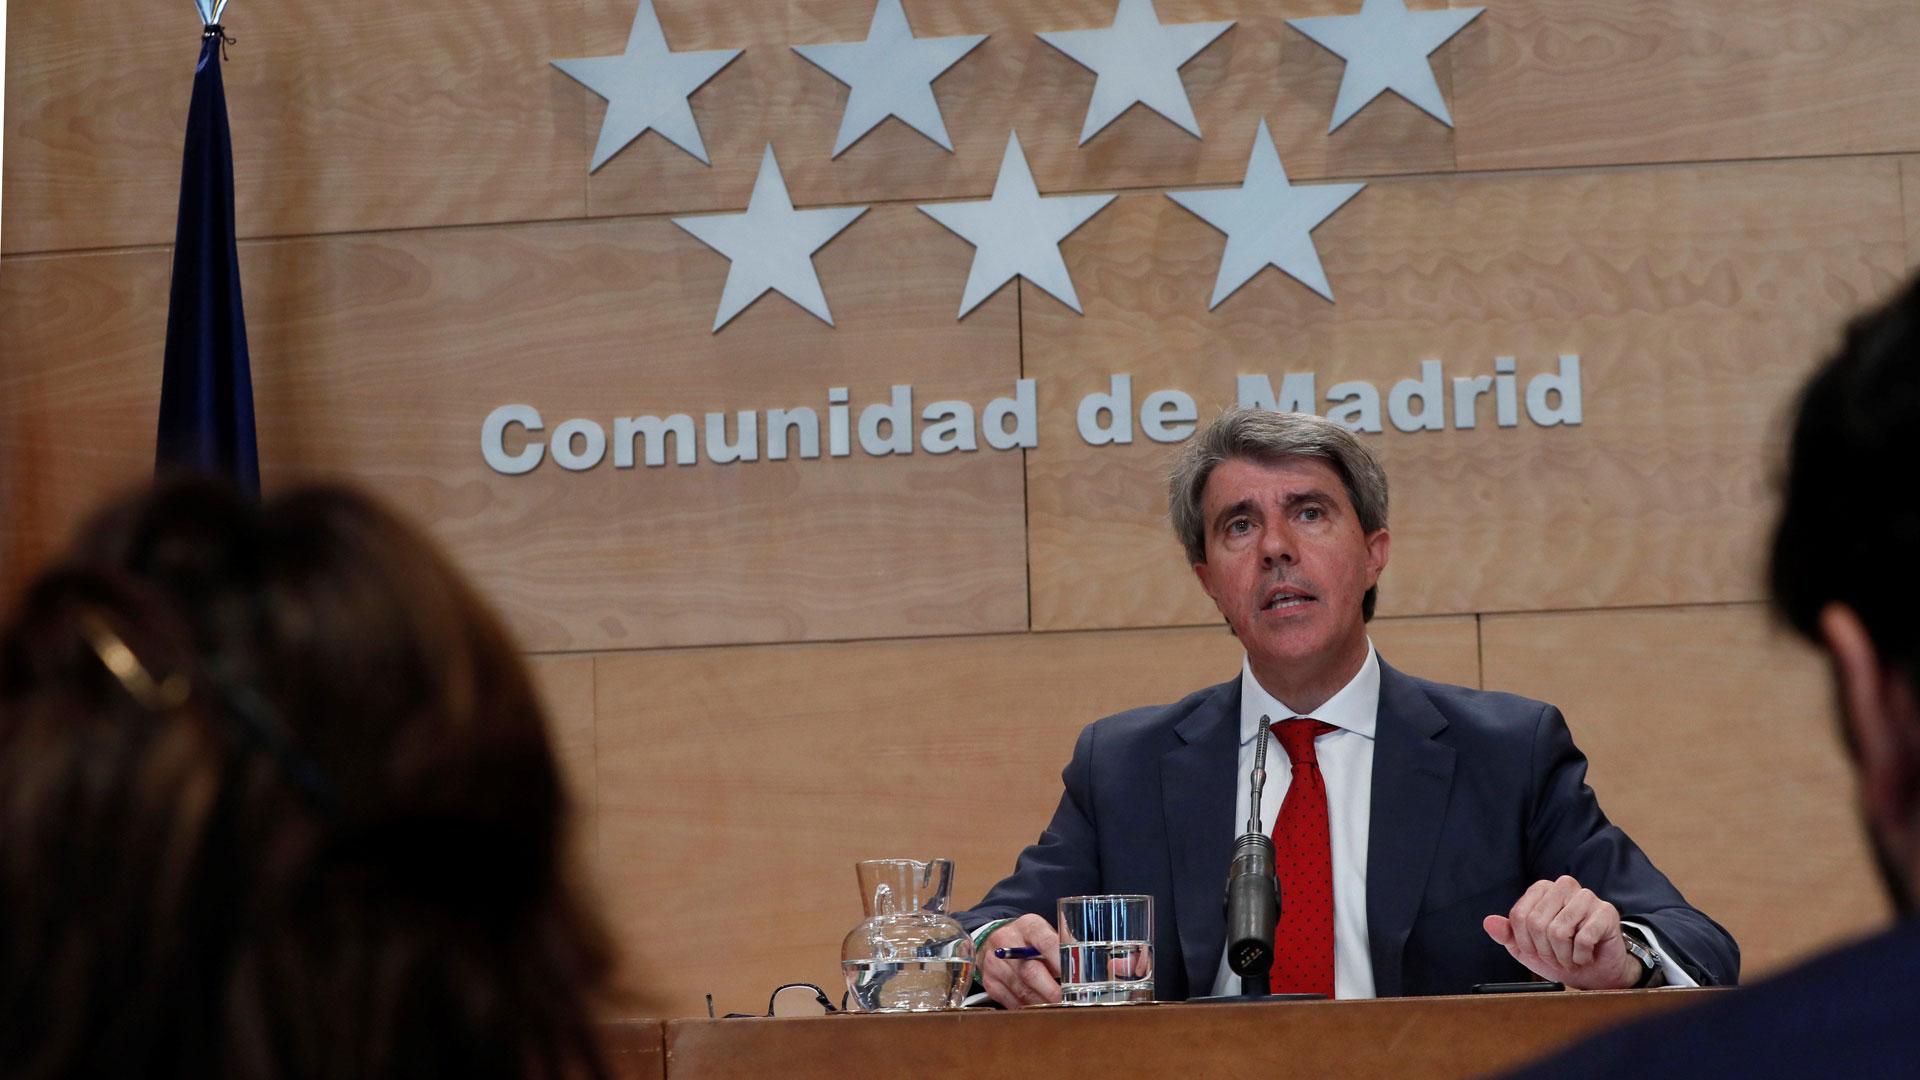 Ir al VideoLa Comunidad de Madrid en 4' - 08/05/18